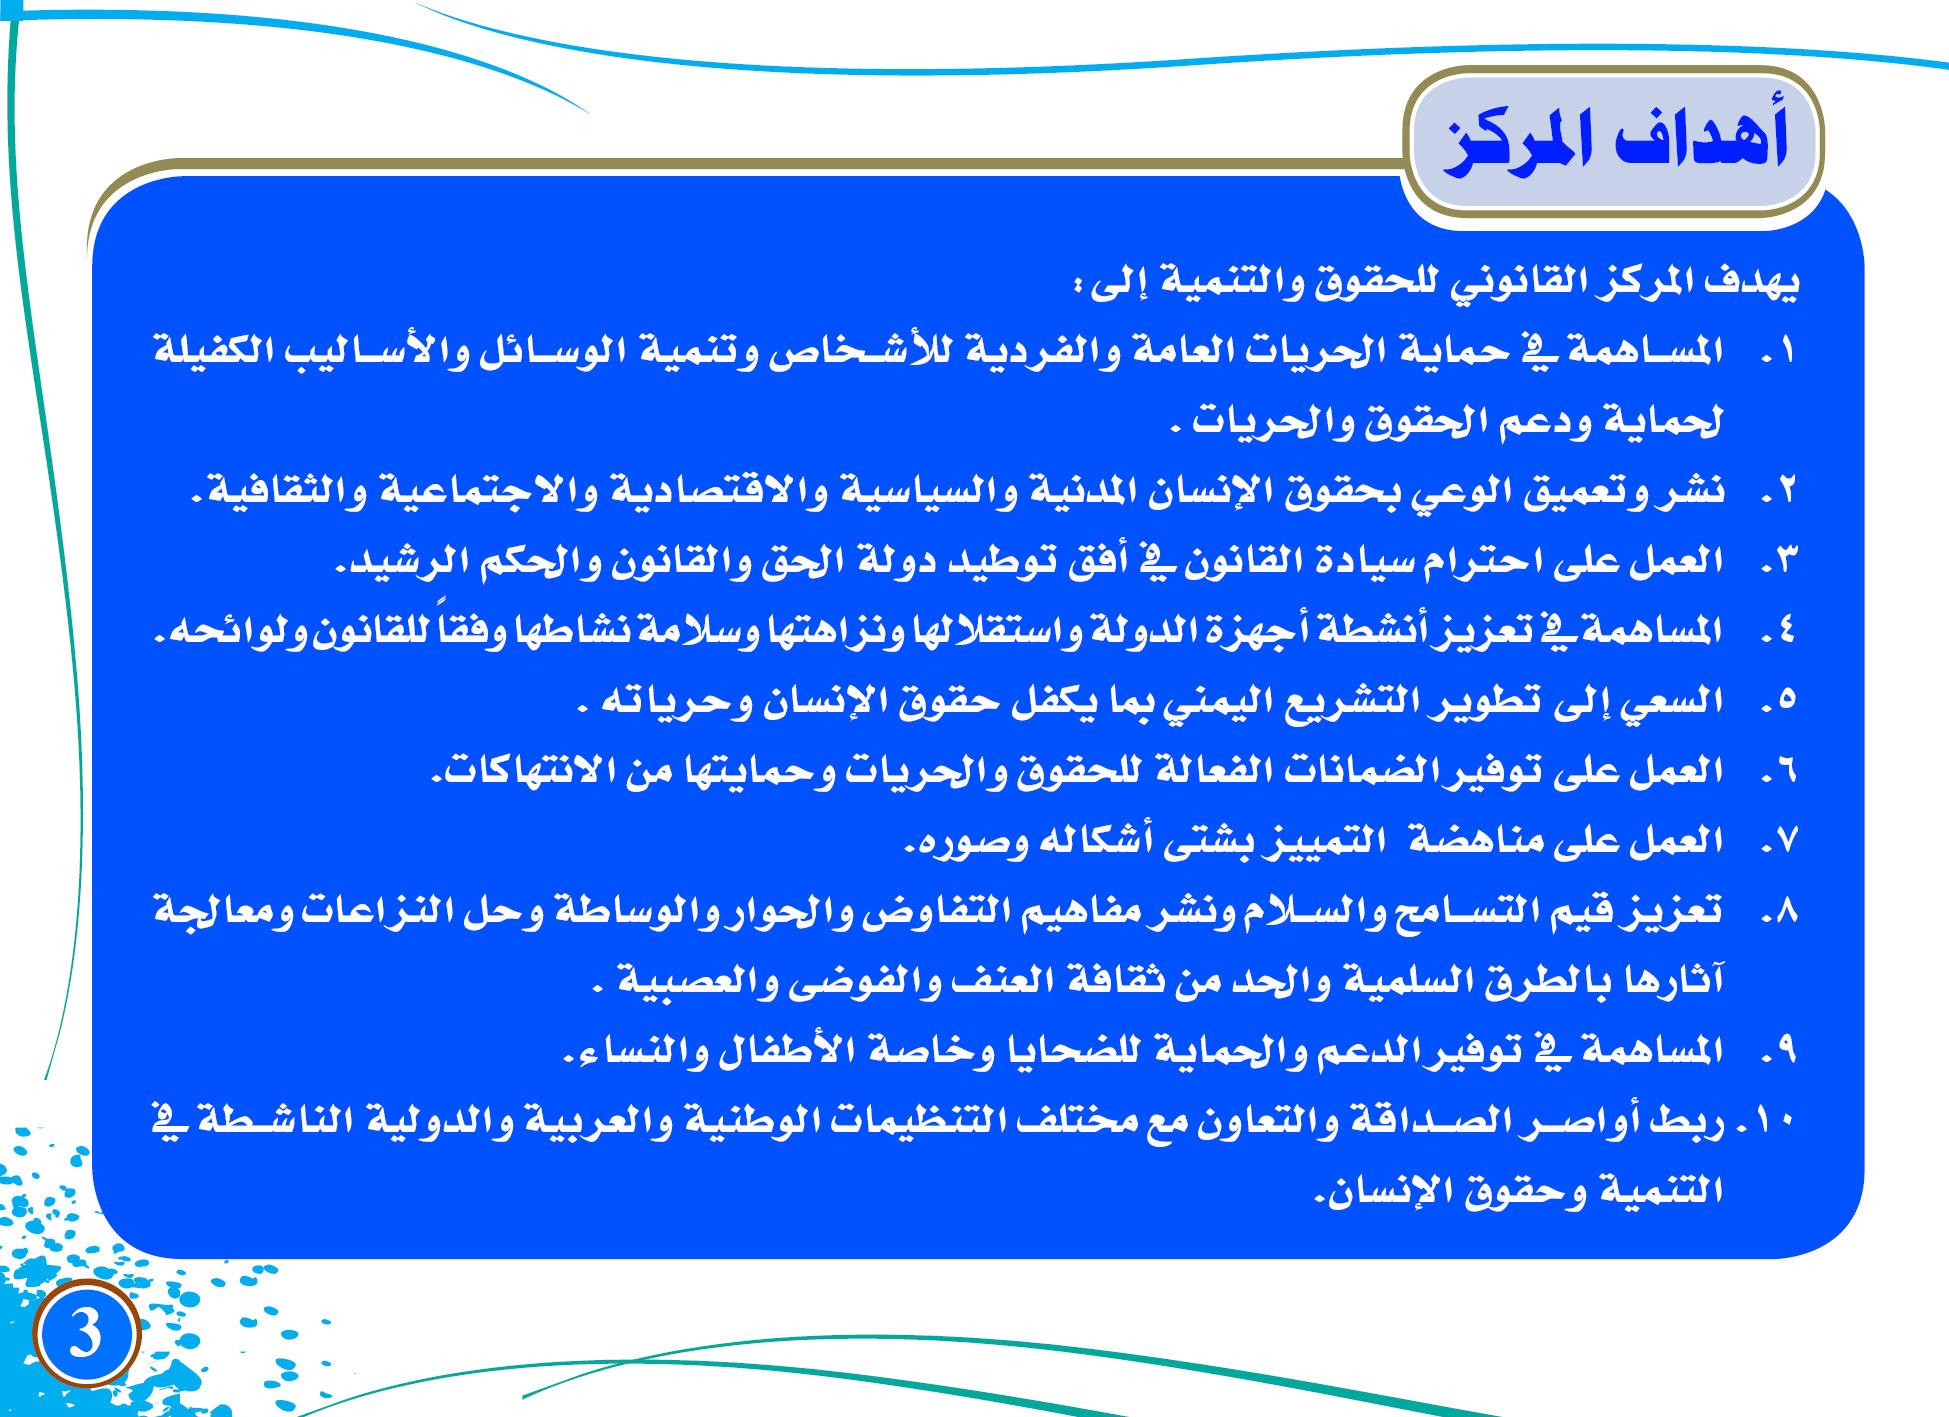 برشور المركز القانوني باللغة العربية3